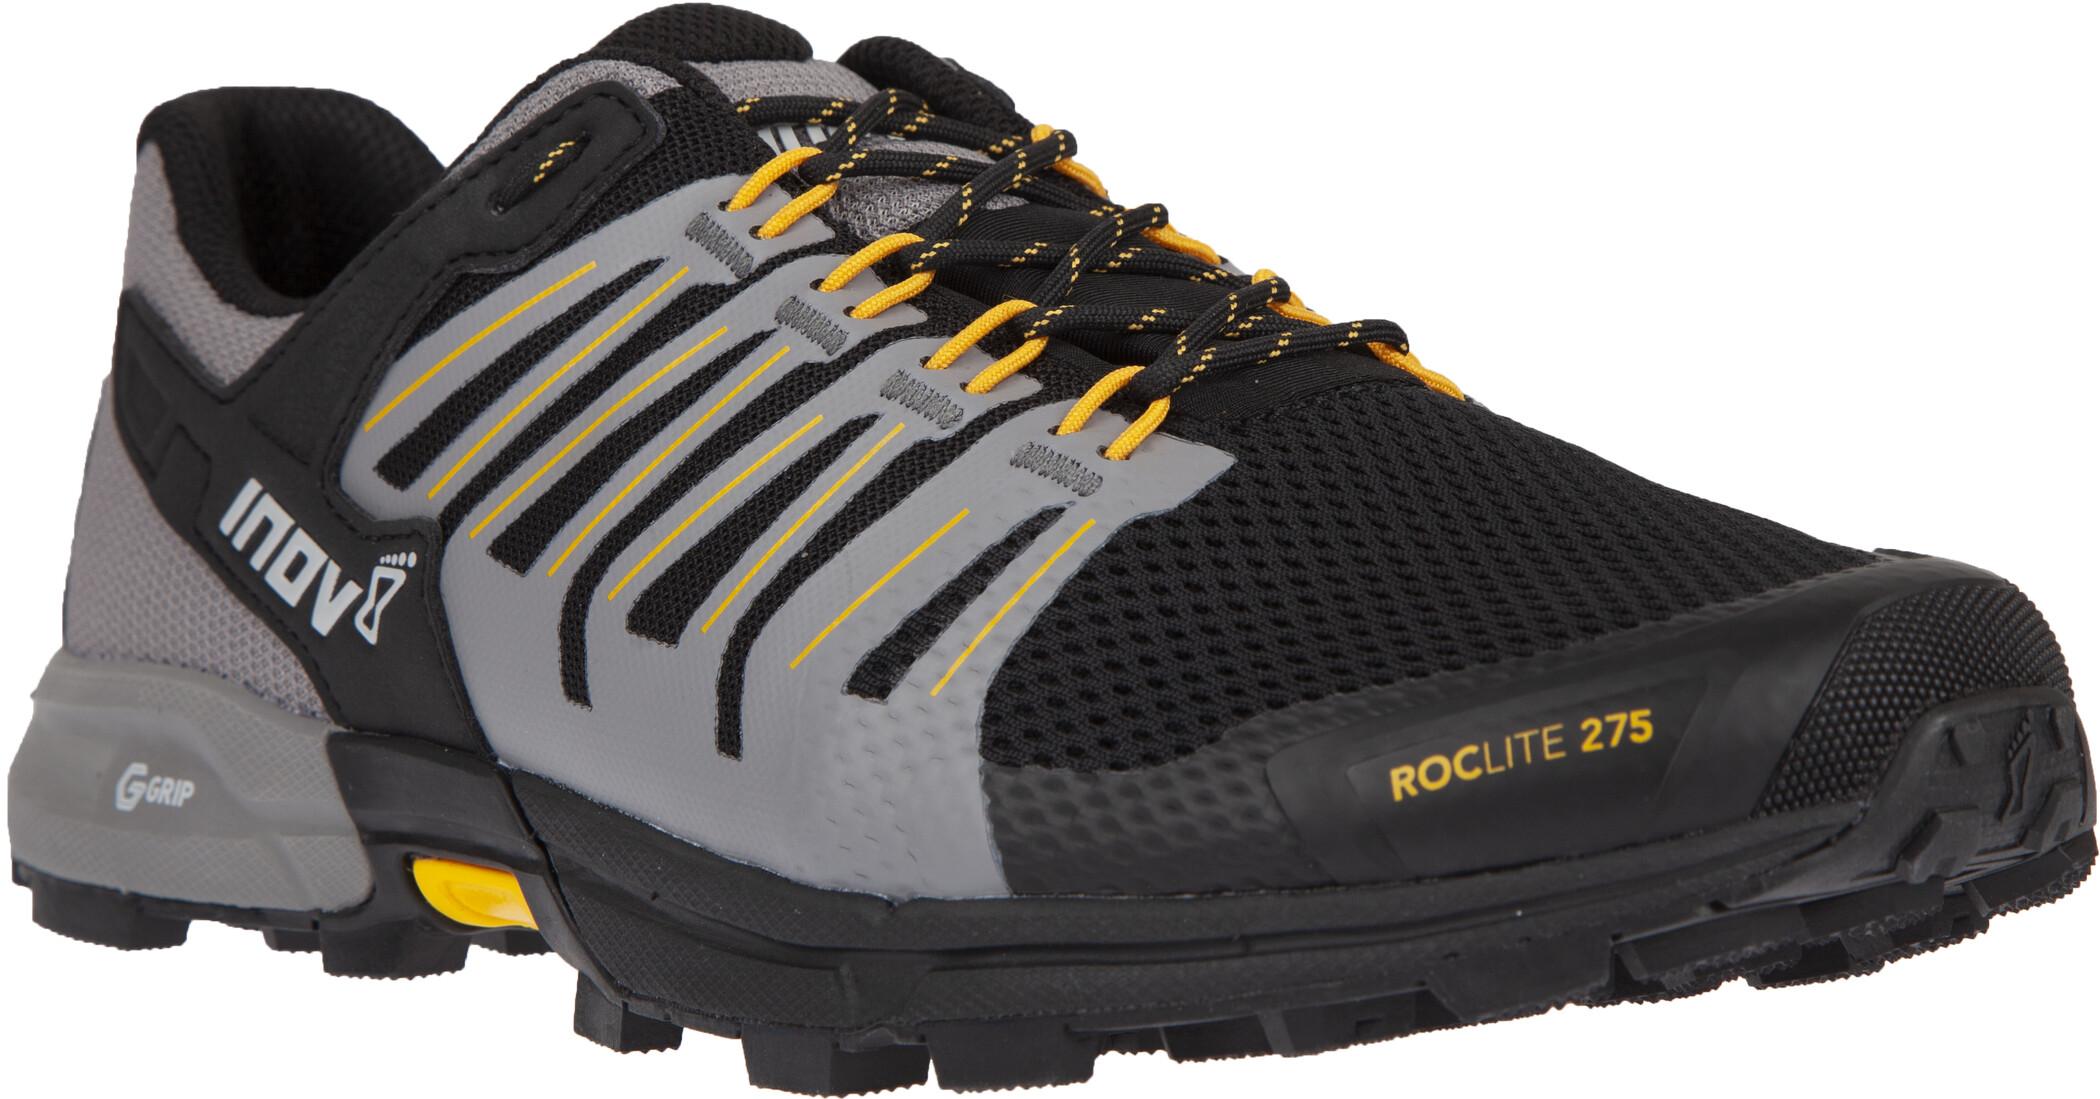 inov-8 Roclite 275 Sko Herrer, black/yellow (2019)   Shoes and overlays